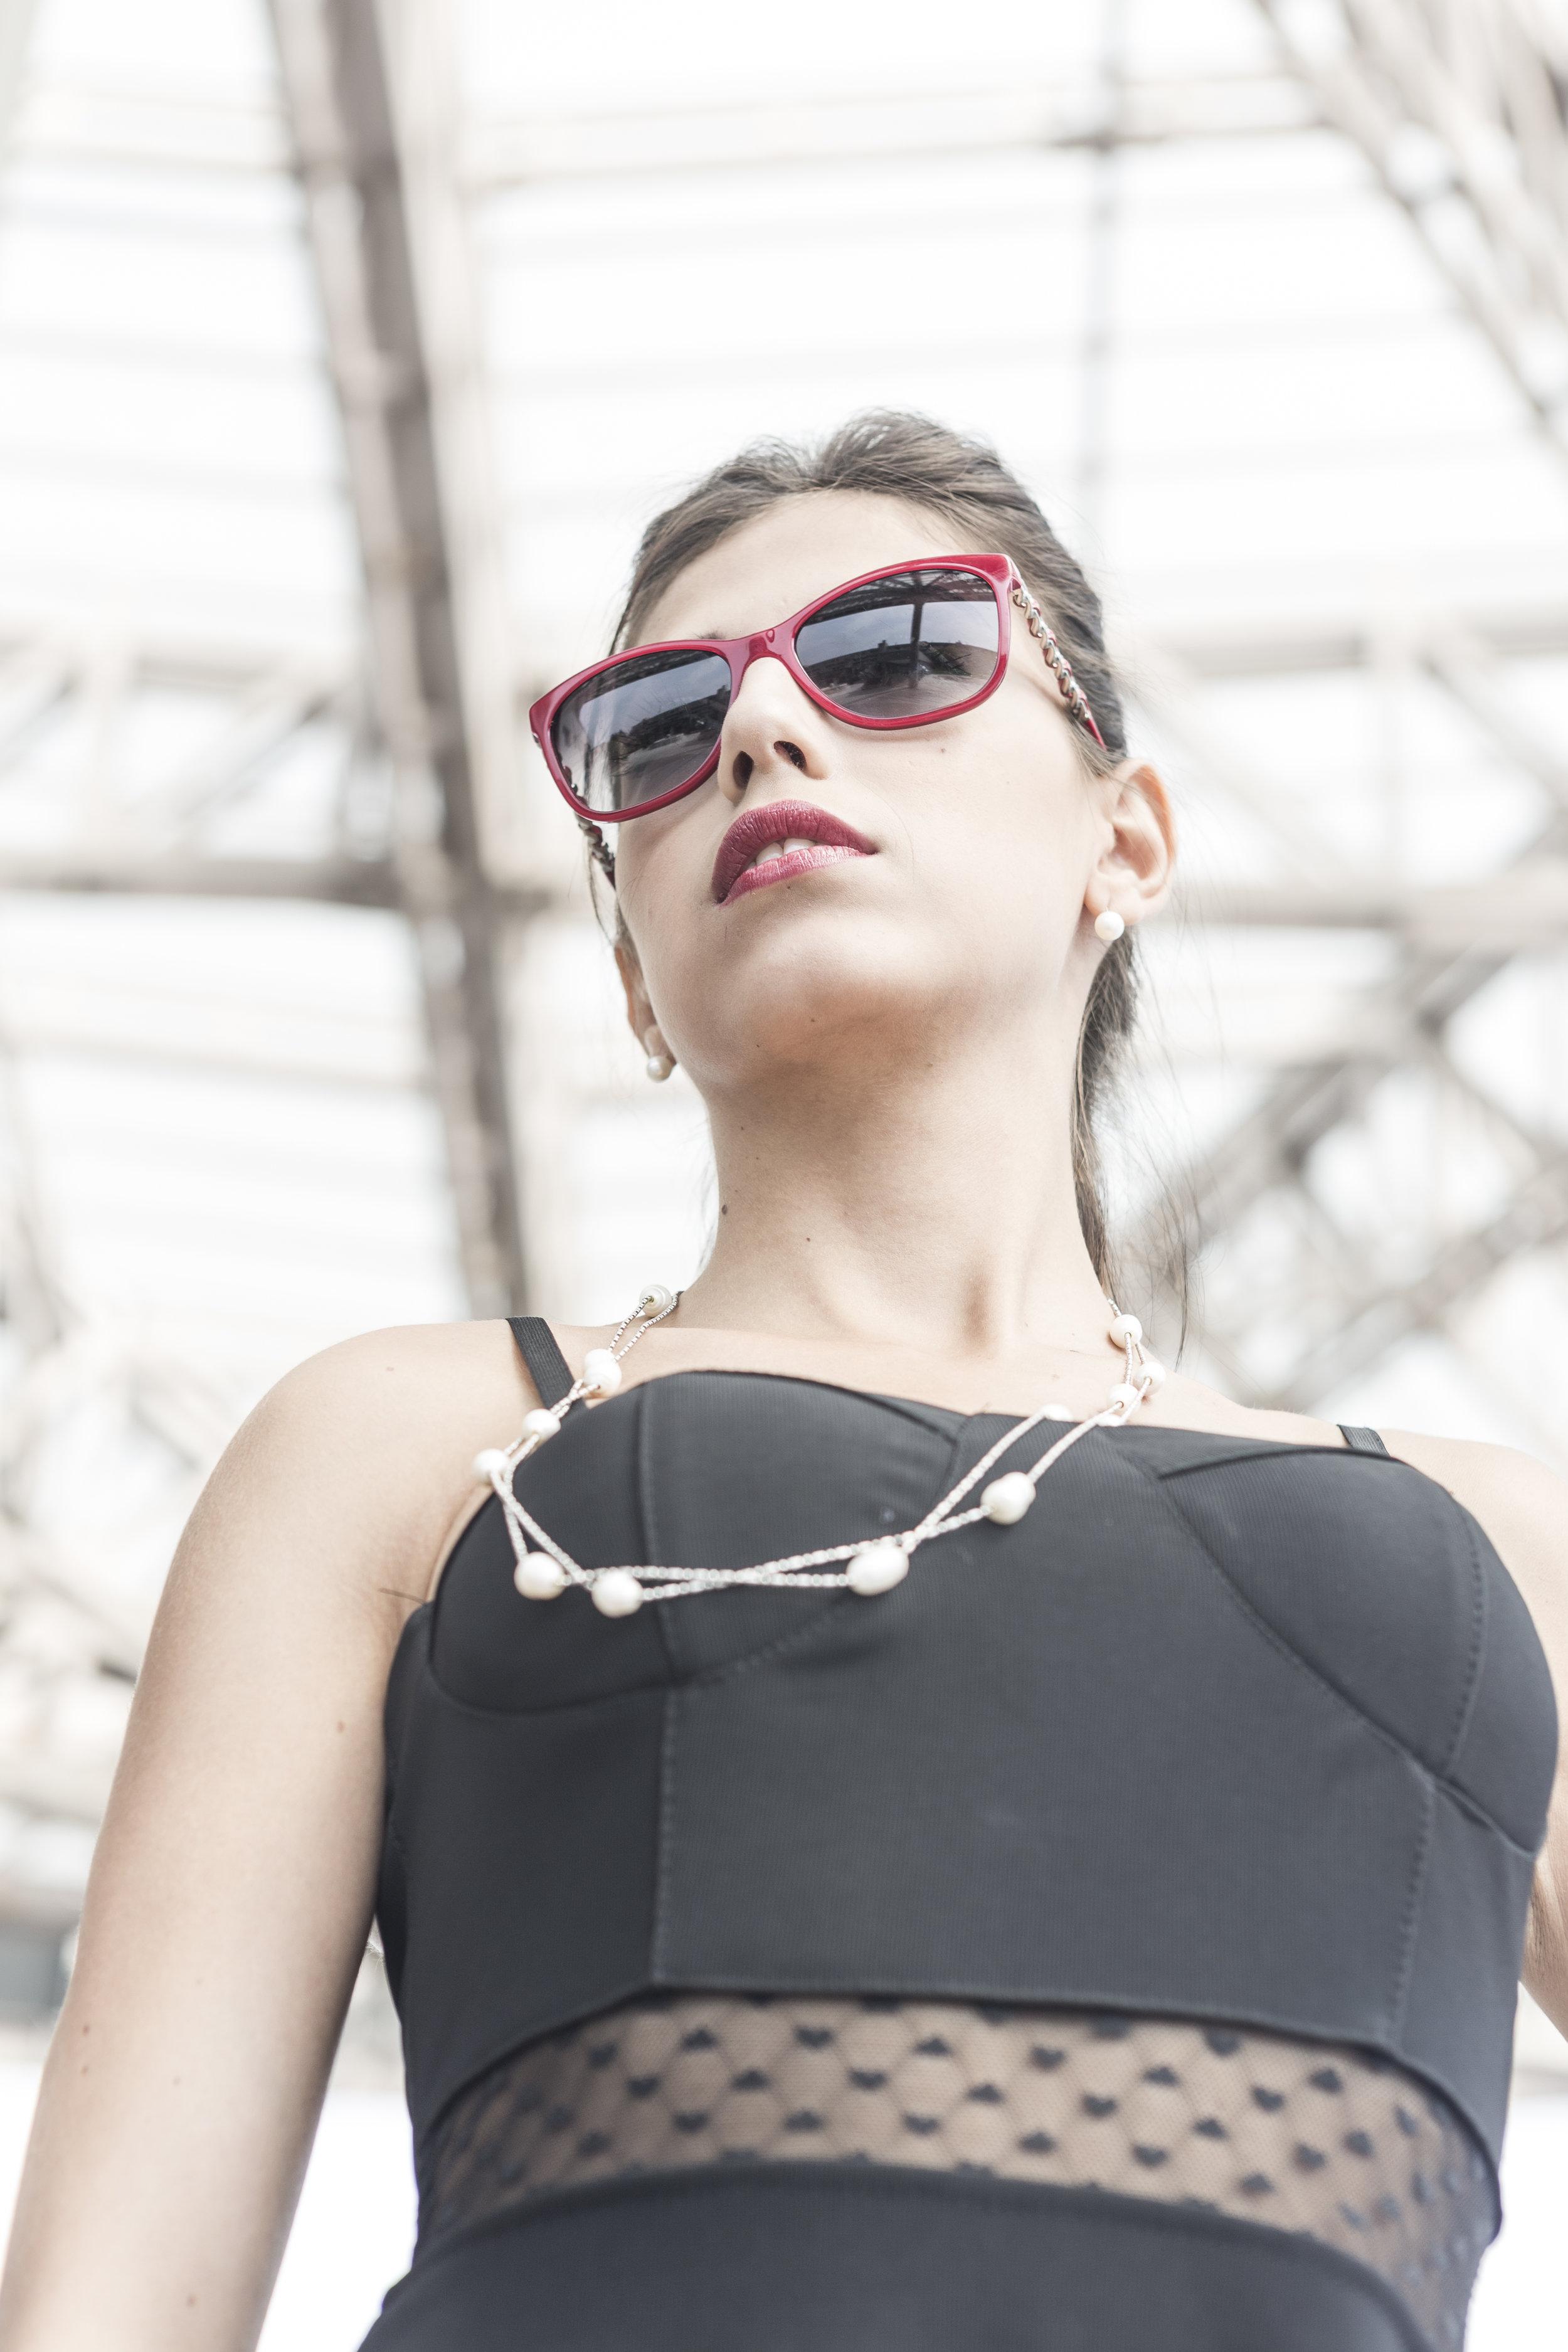 fotografo fashion milano moda book modella